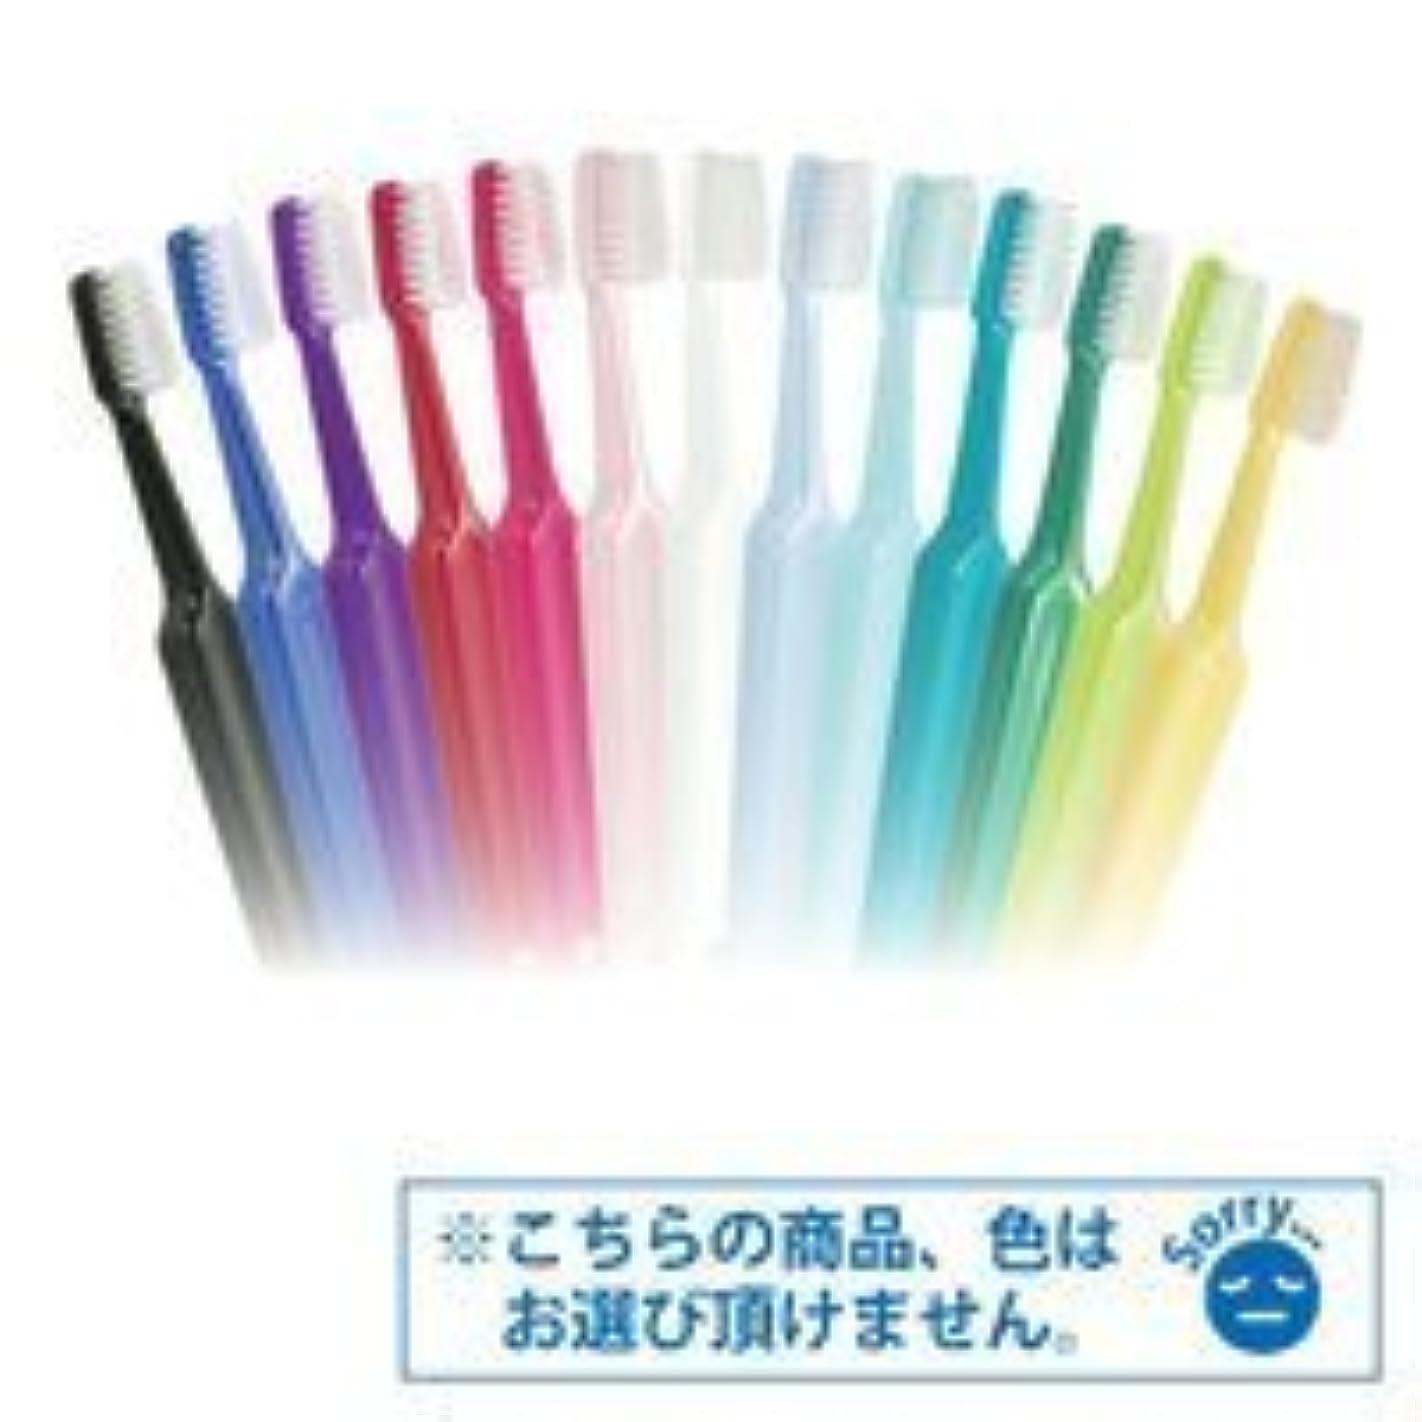 動員する一見拒絶Tepe歯ブラシ セレクトコンパクト/ミディアム 25本/箱